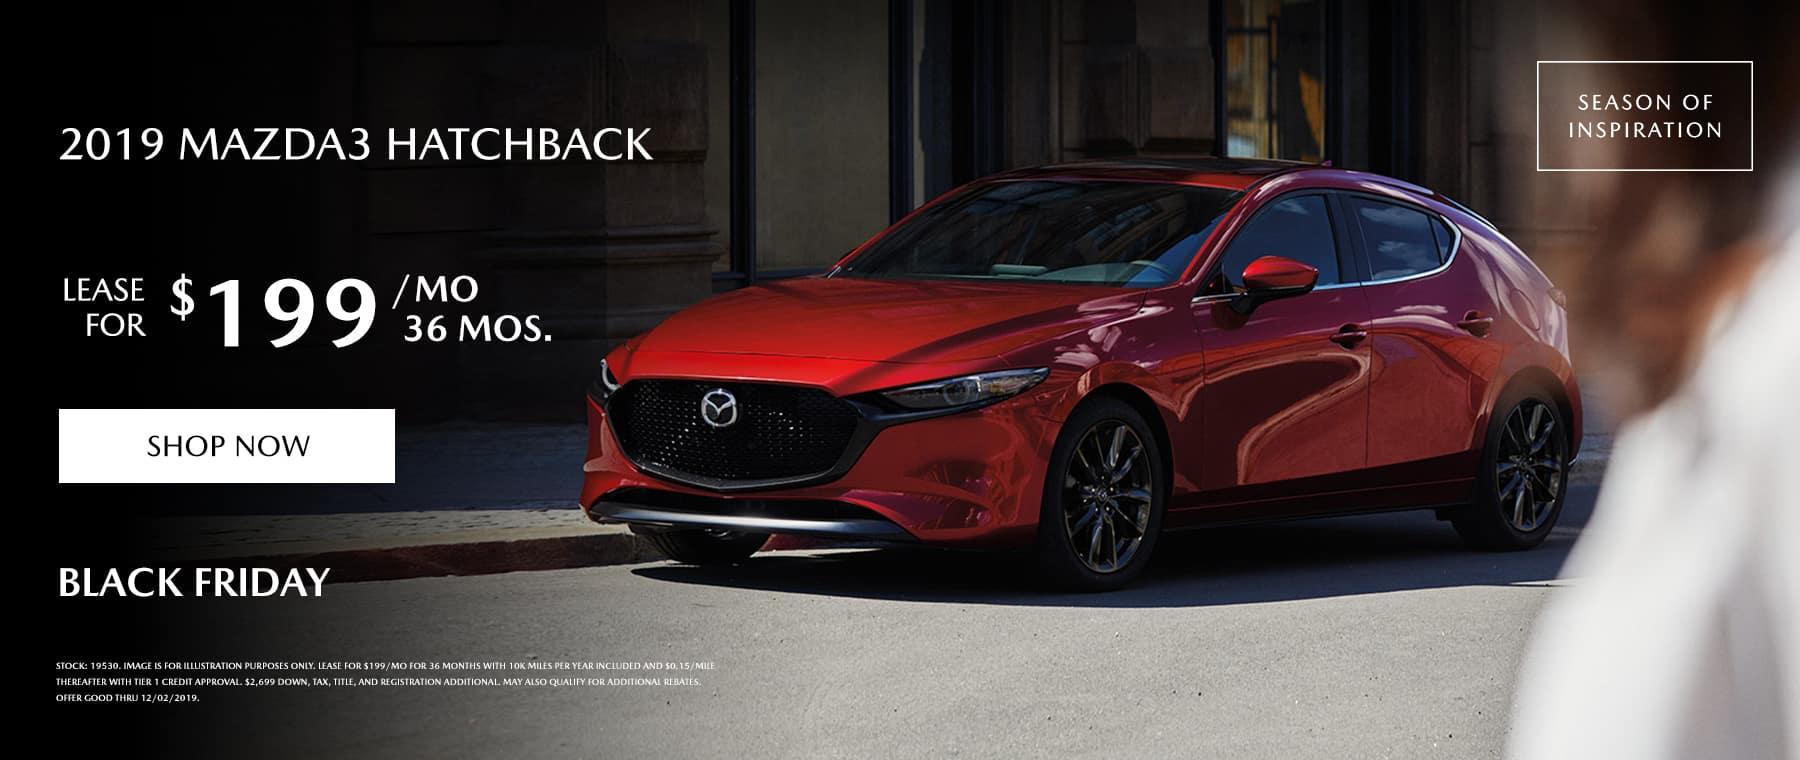 Mazda 3 hatchback special offer